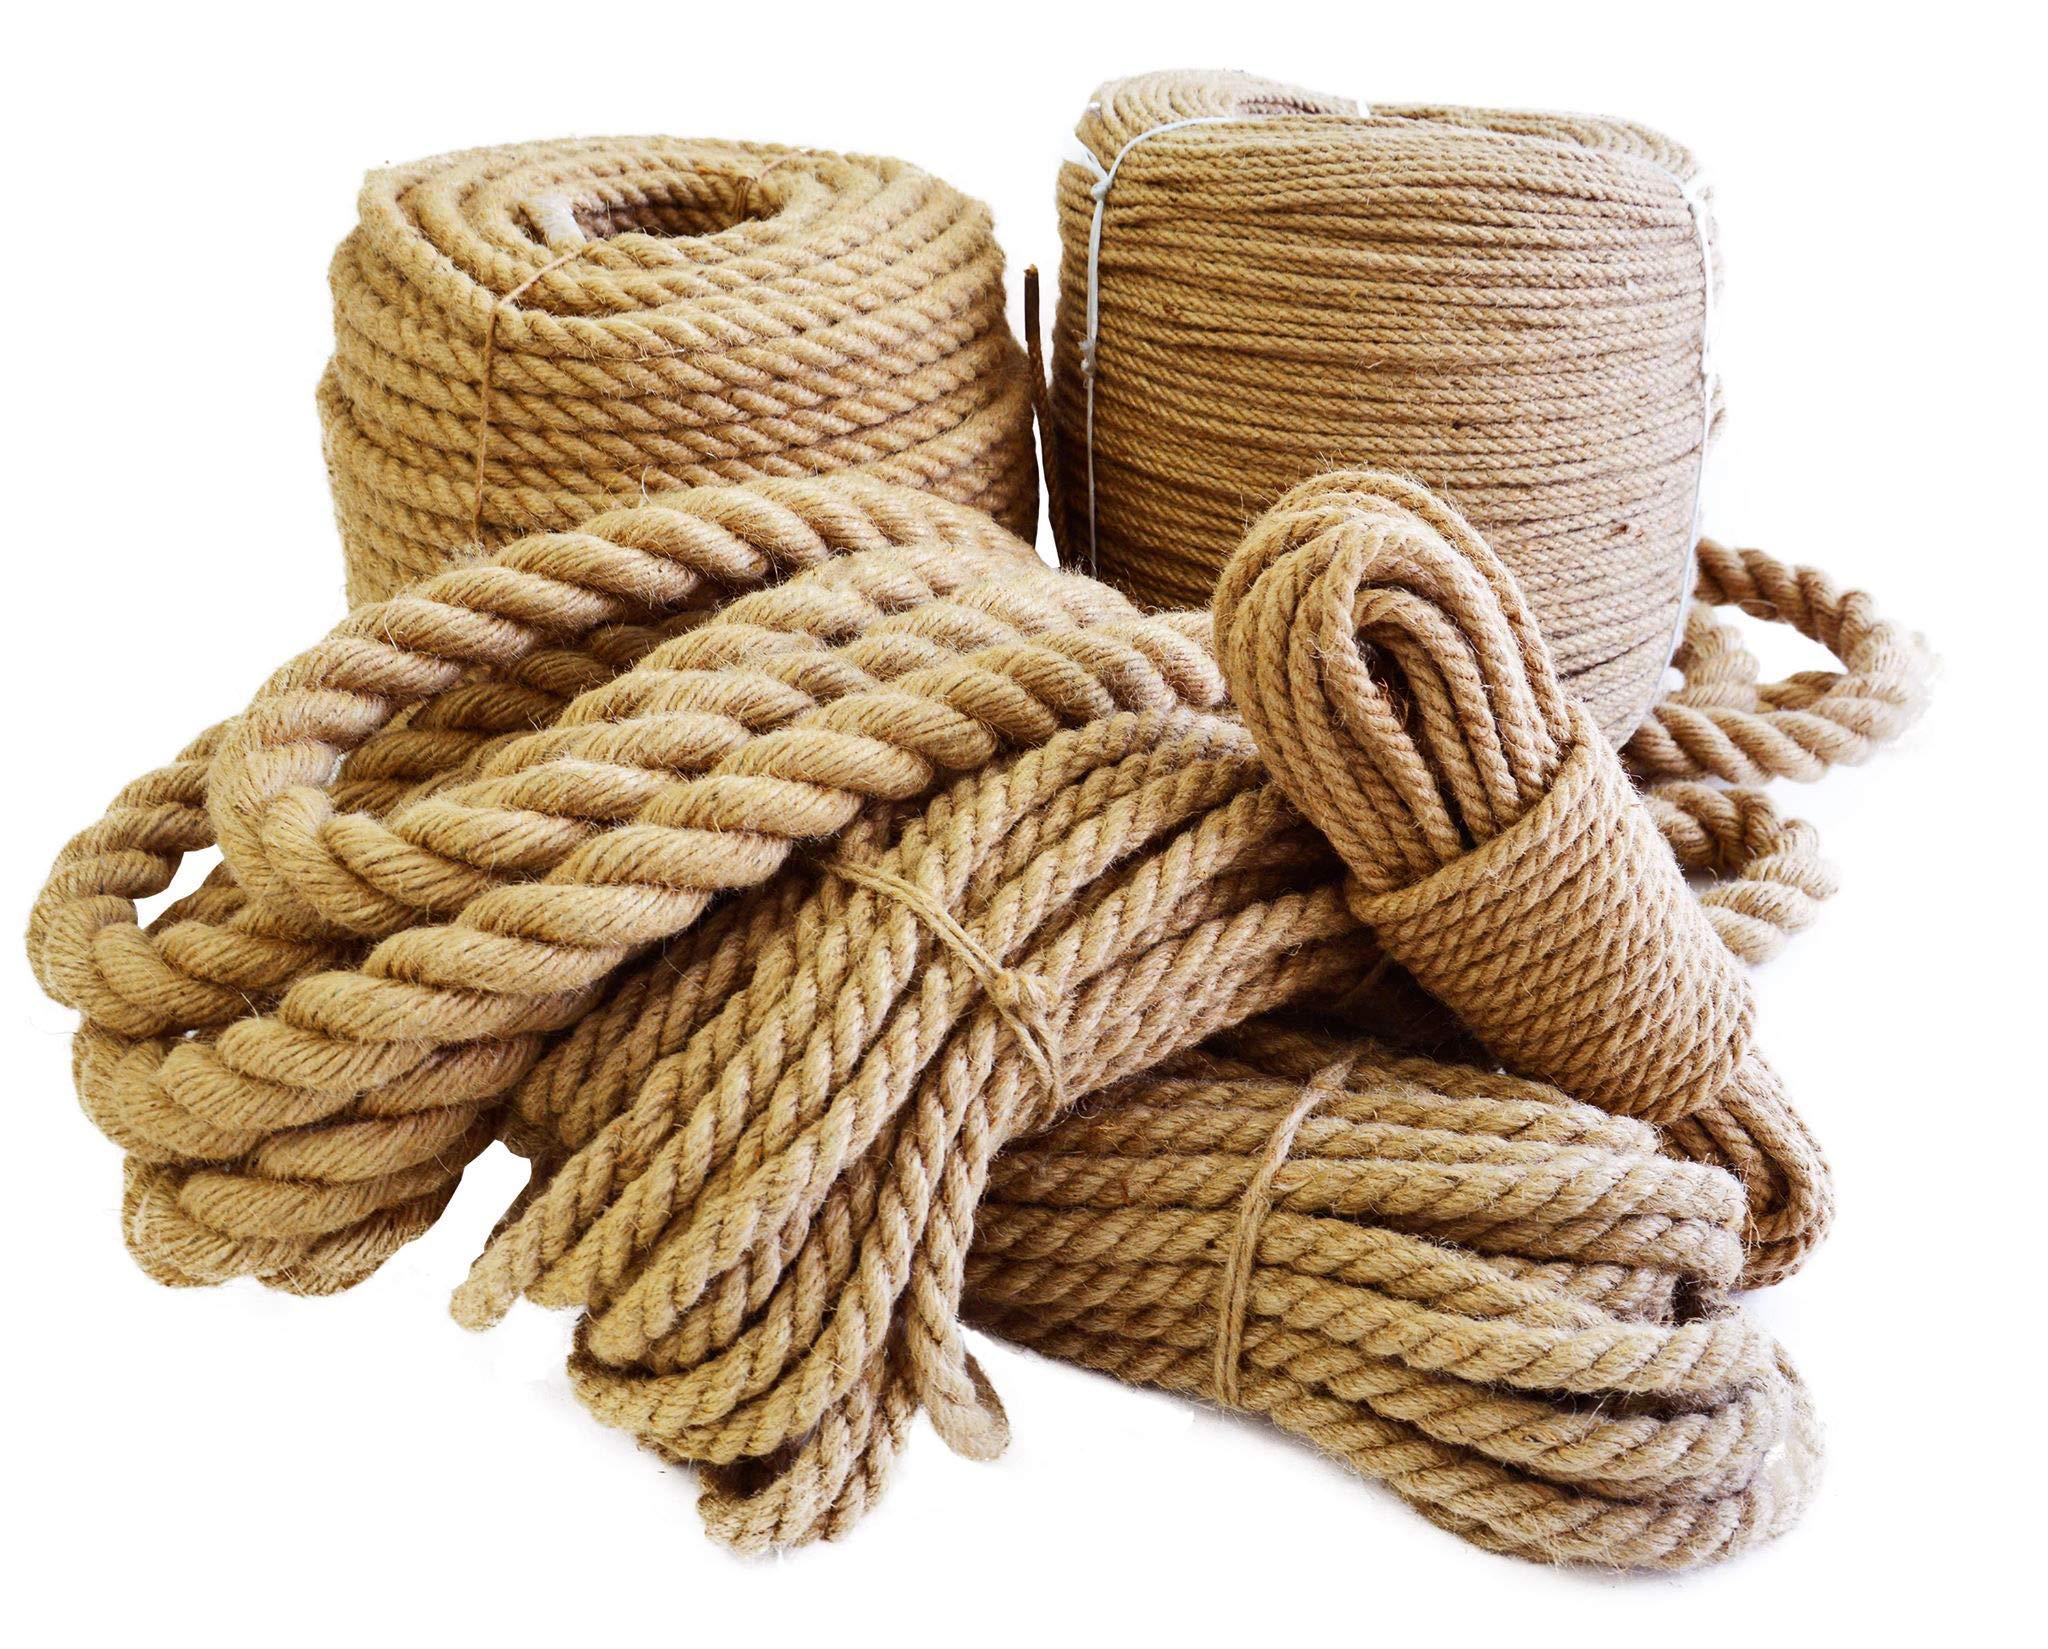 Roban Fashion® - Cuerda de yute 100% natural, 6 mm - 60 mm, cuerda de cáñamo natural, cuerda decorativa para jardín, pasamanos, mascotas, barcos, cuerda multiusos, cuerda de sisal: Amazon.es: Bricolaje y herramientas